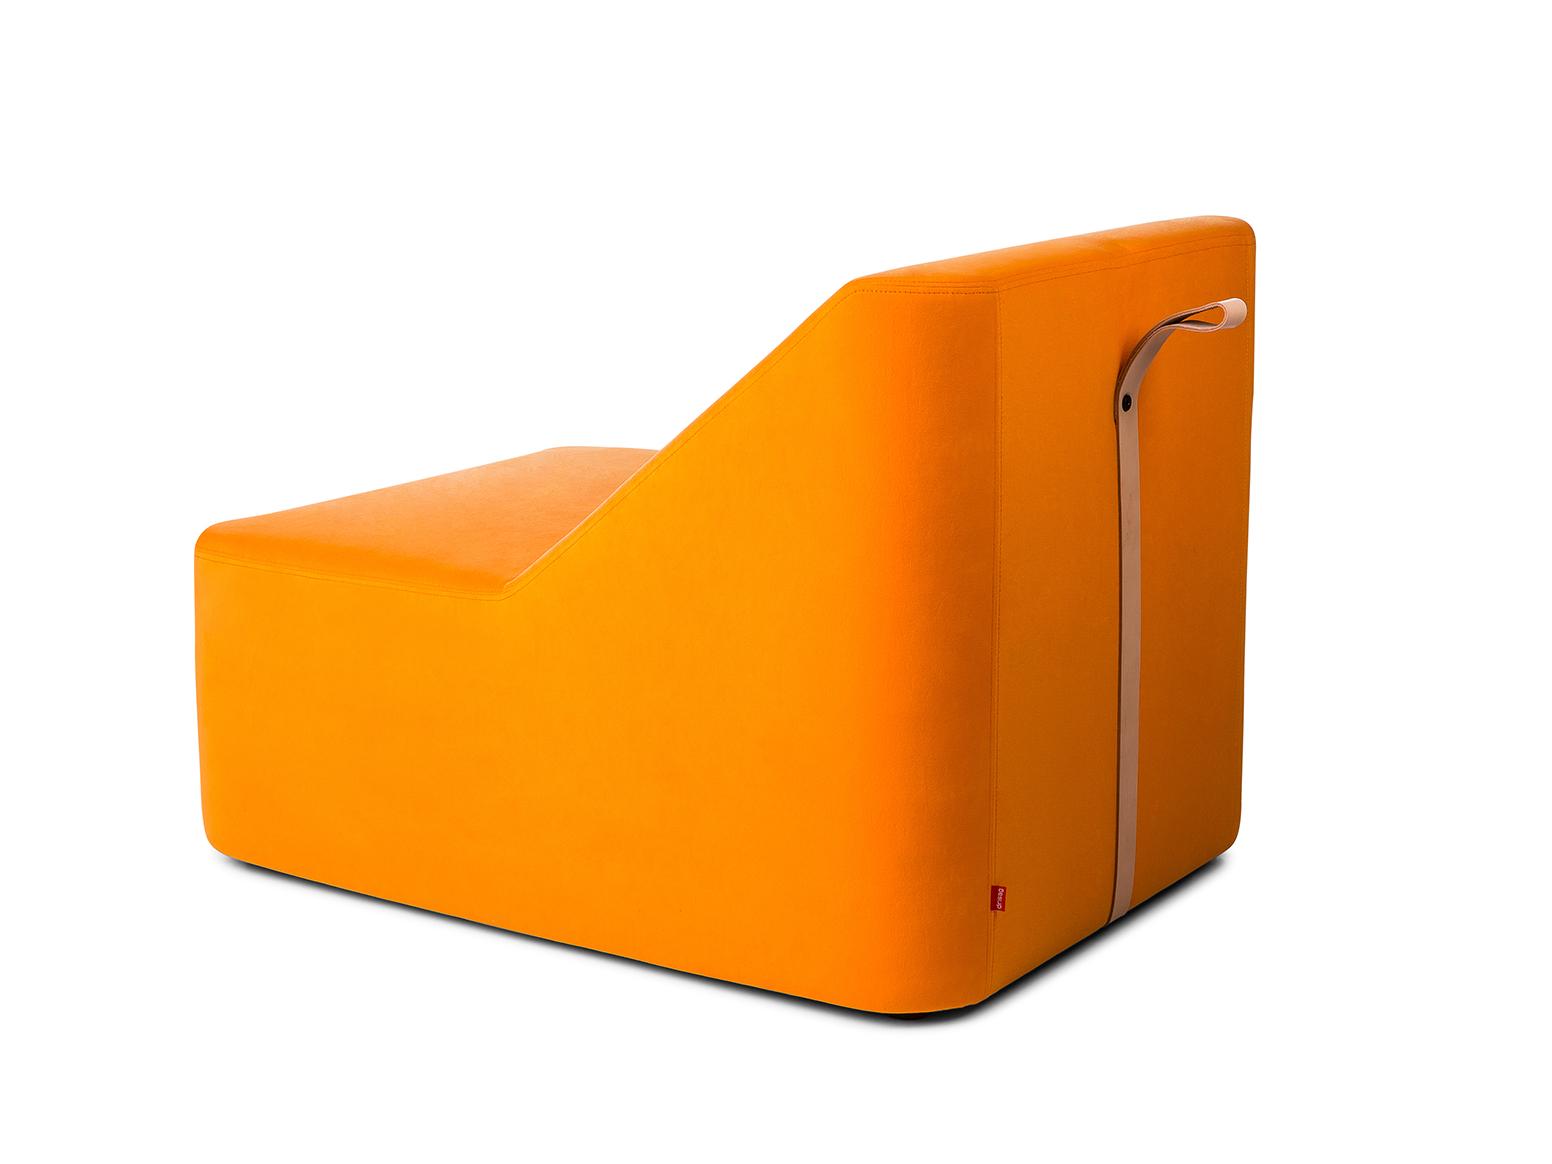 Boris orange